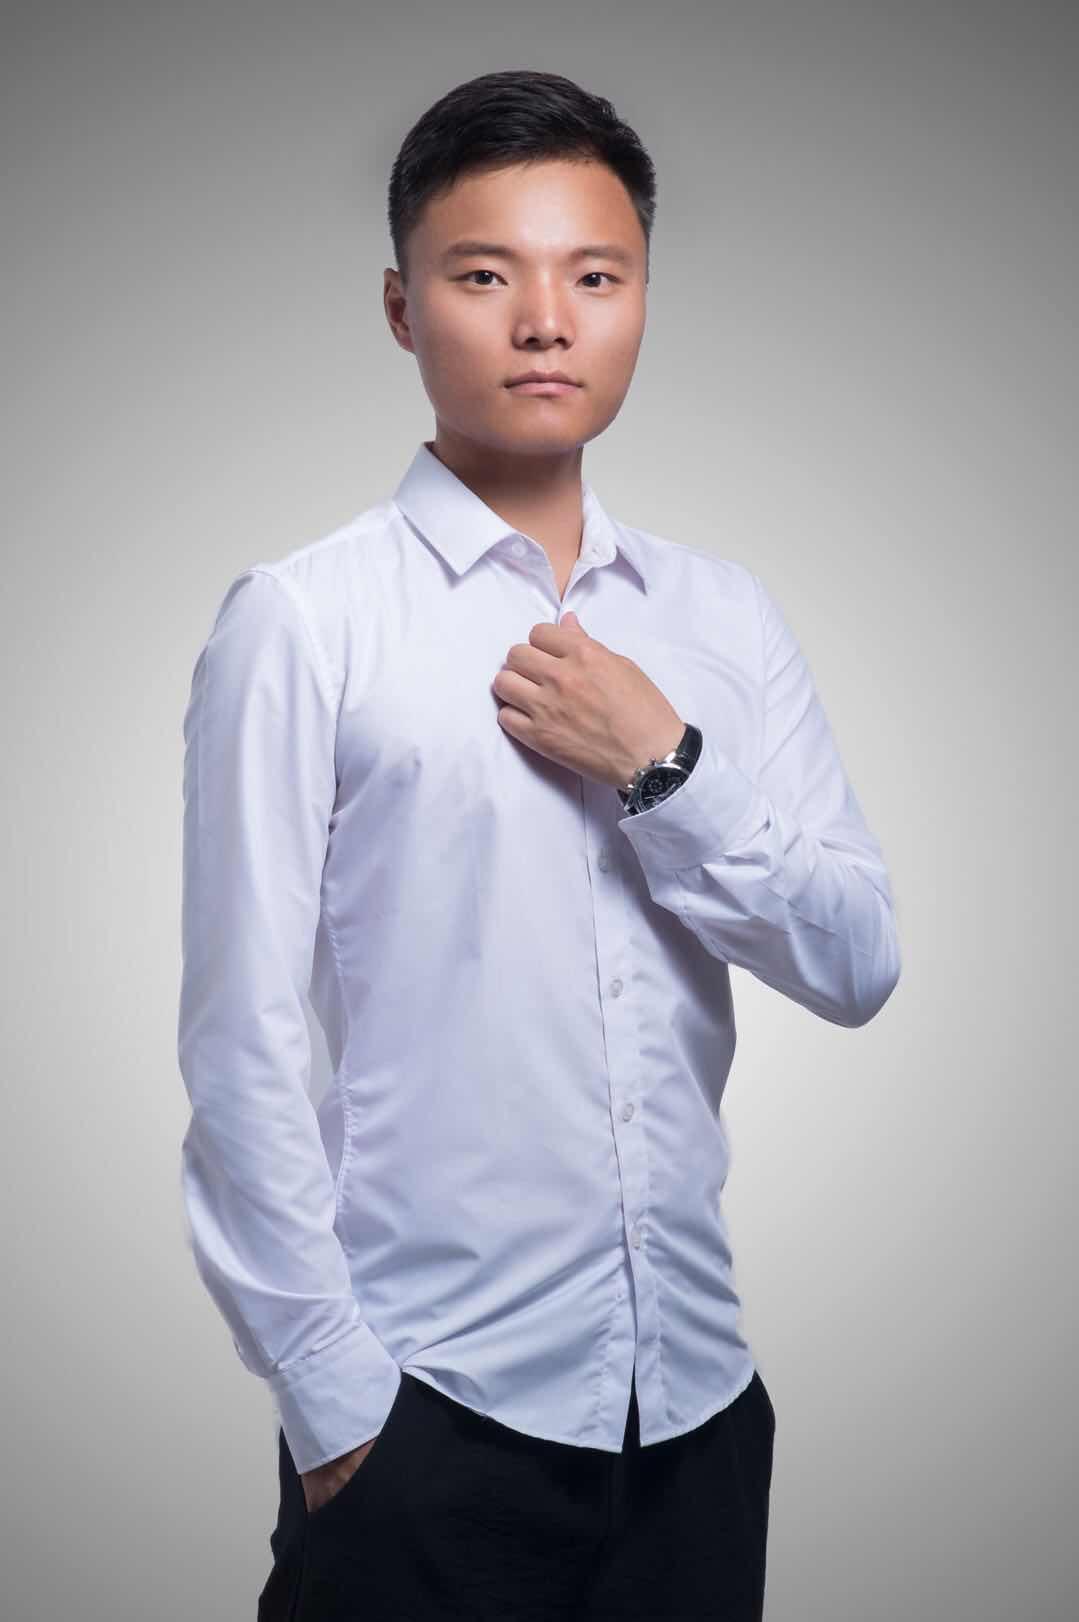 徐州王雨恒设计师